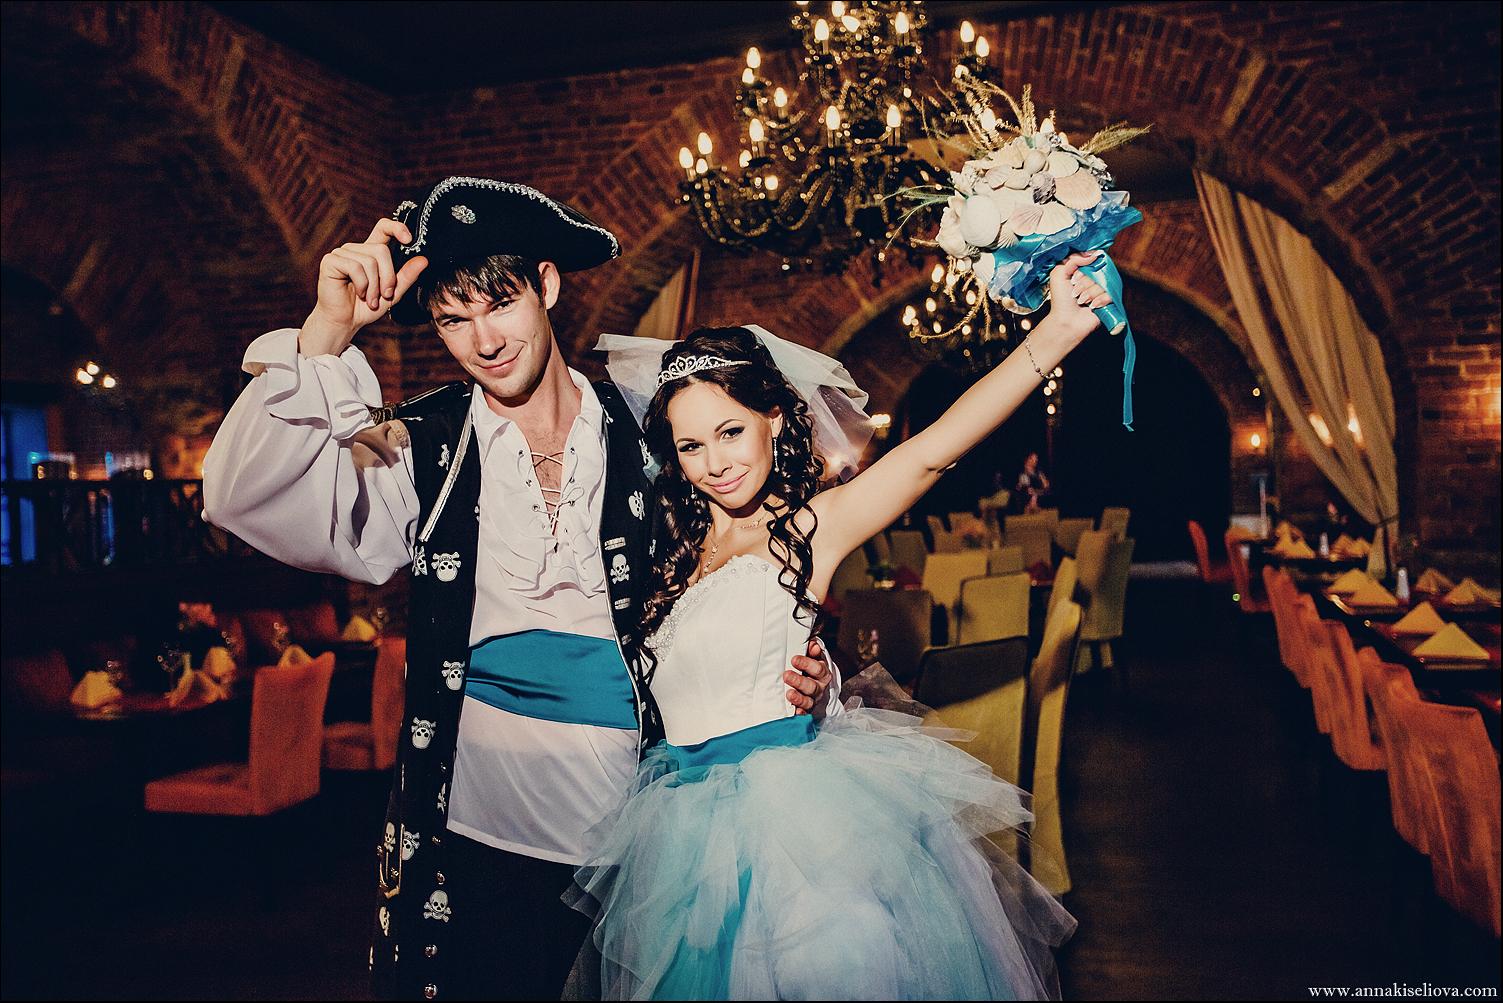 Моя свадьба в пиратском стиле фото